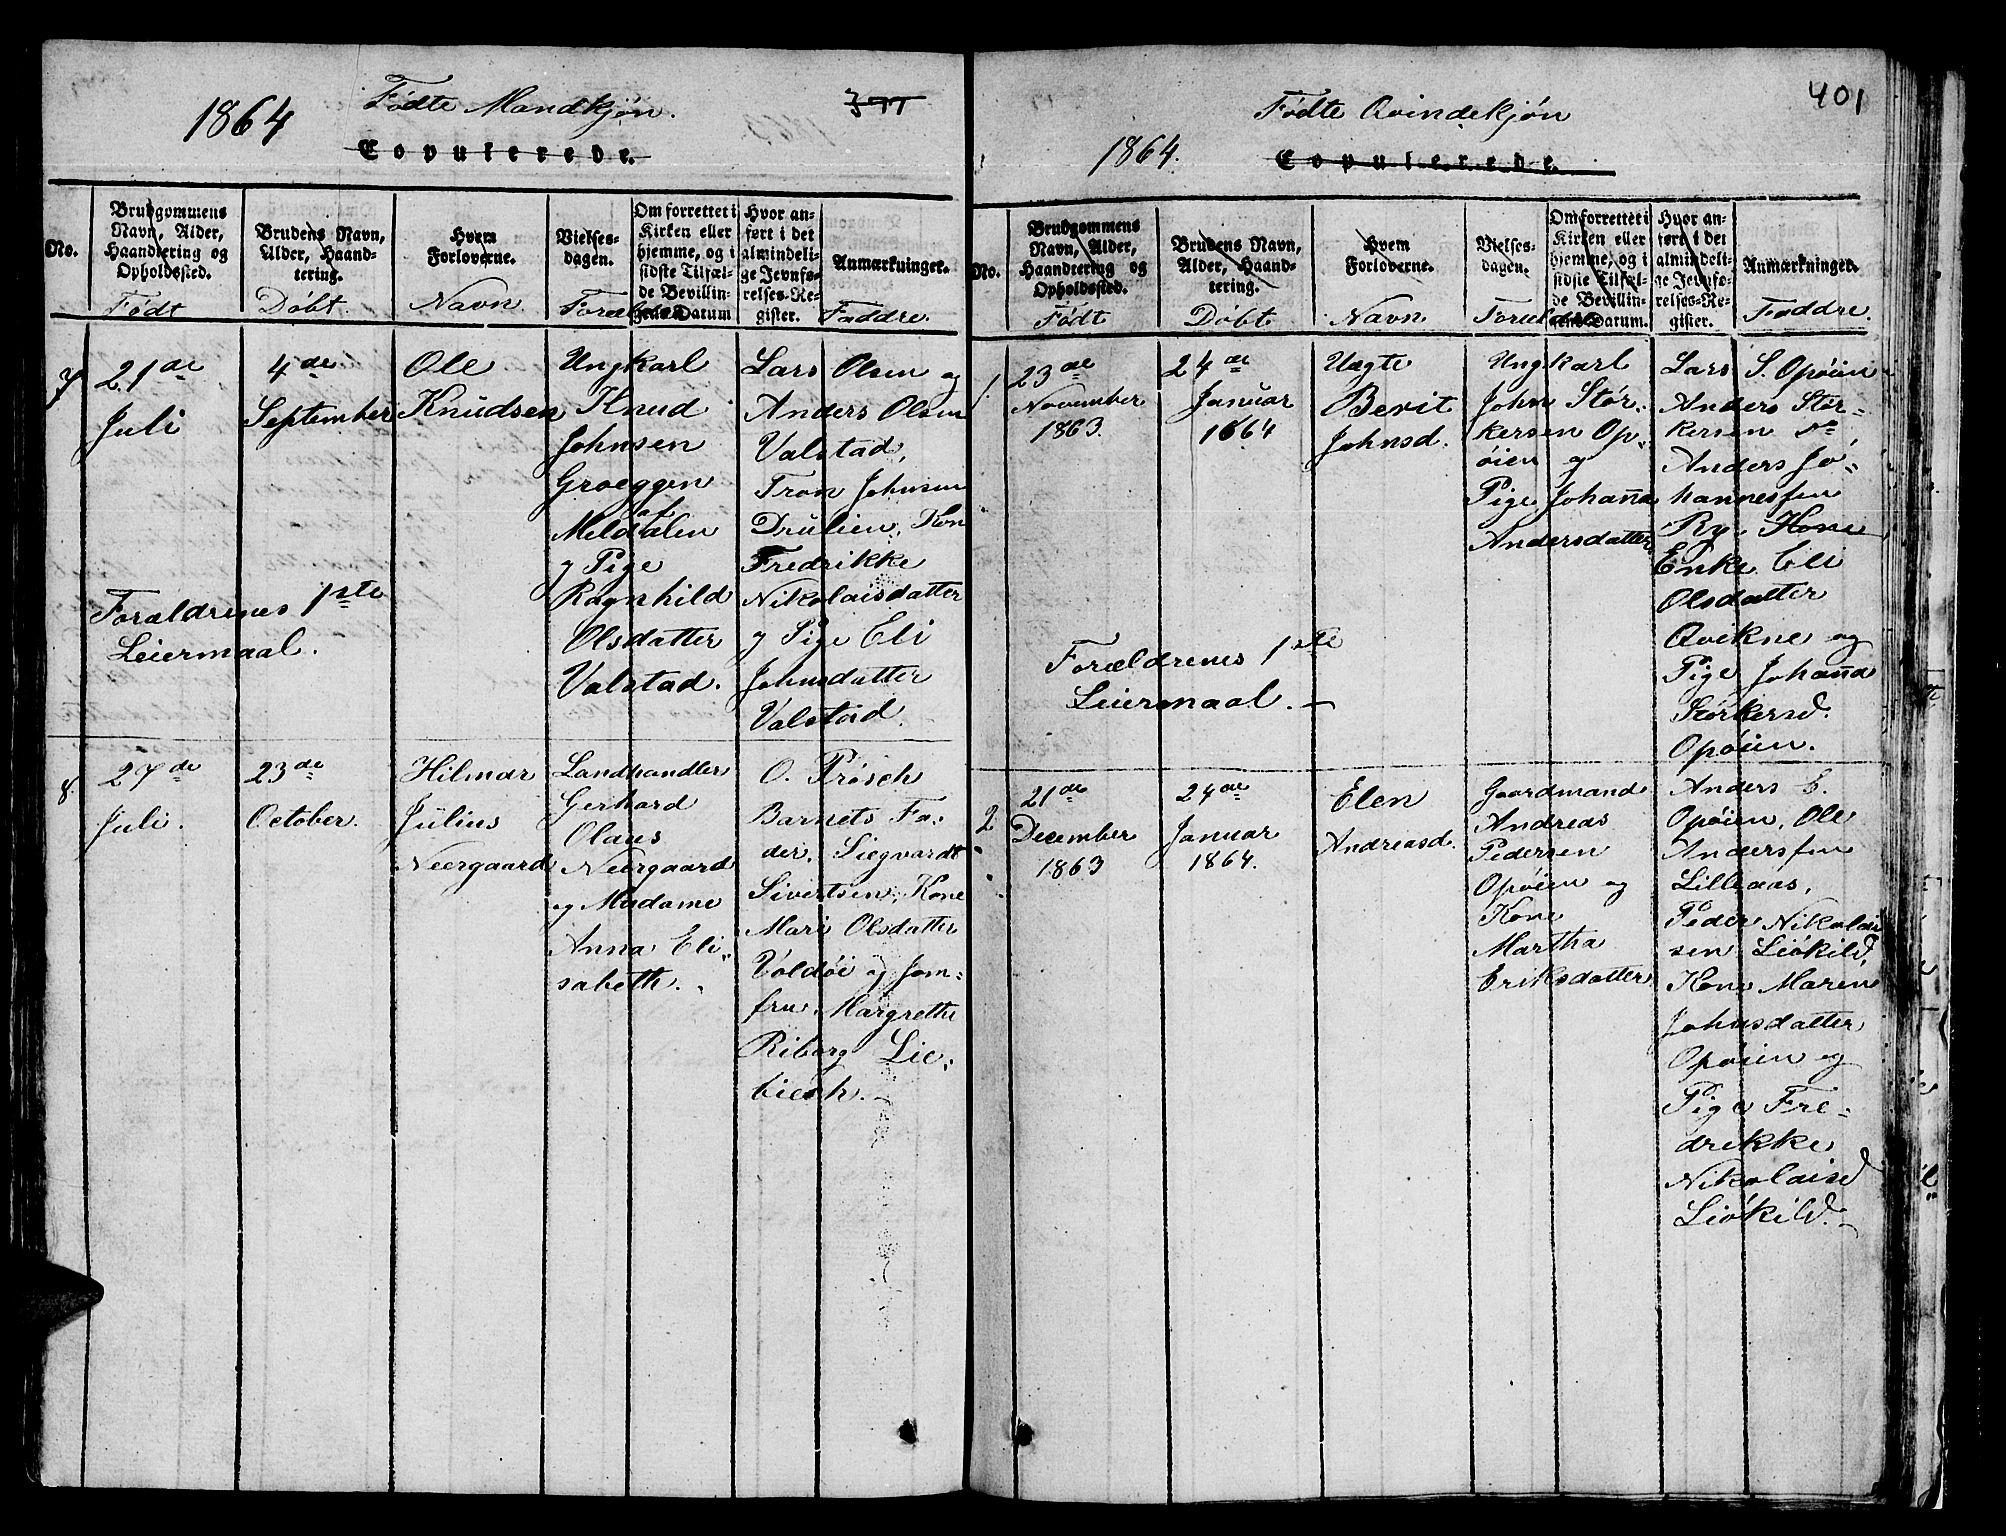 SAT, Ministerialprotokoller, klokkerbøker og fødselsregistre - Sør-Trøndelag, 671/L0842: Klokkerbok nr. 671C01, 1816-1867, s. 400-401